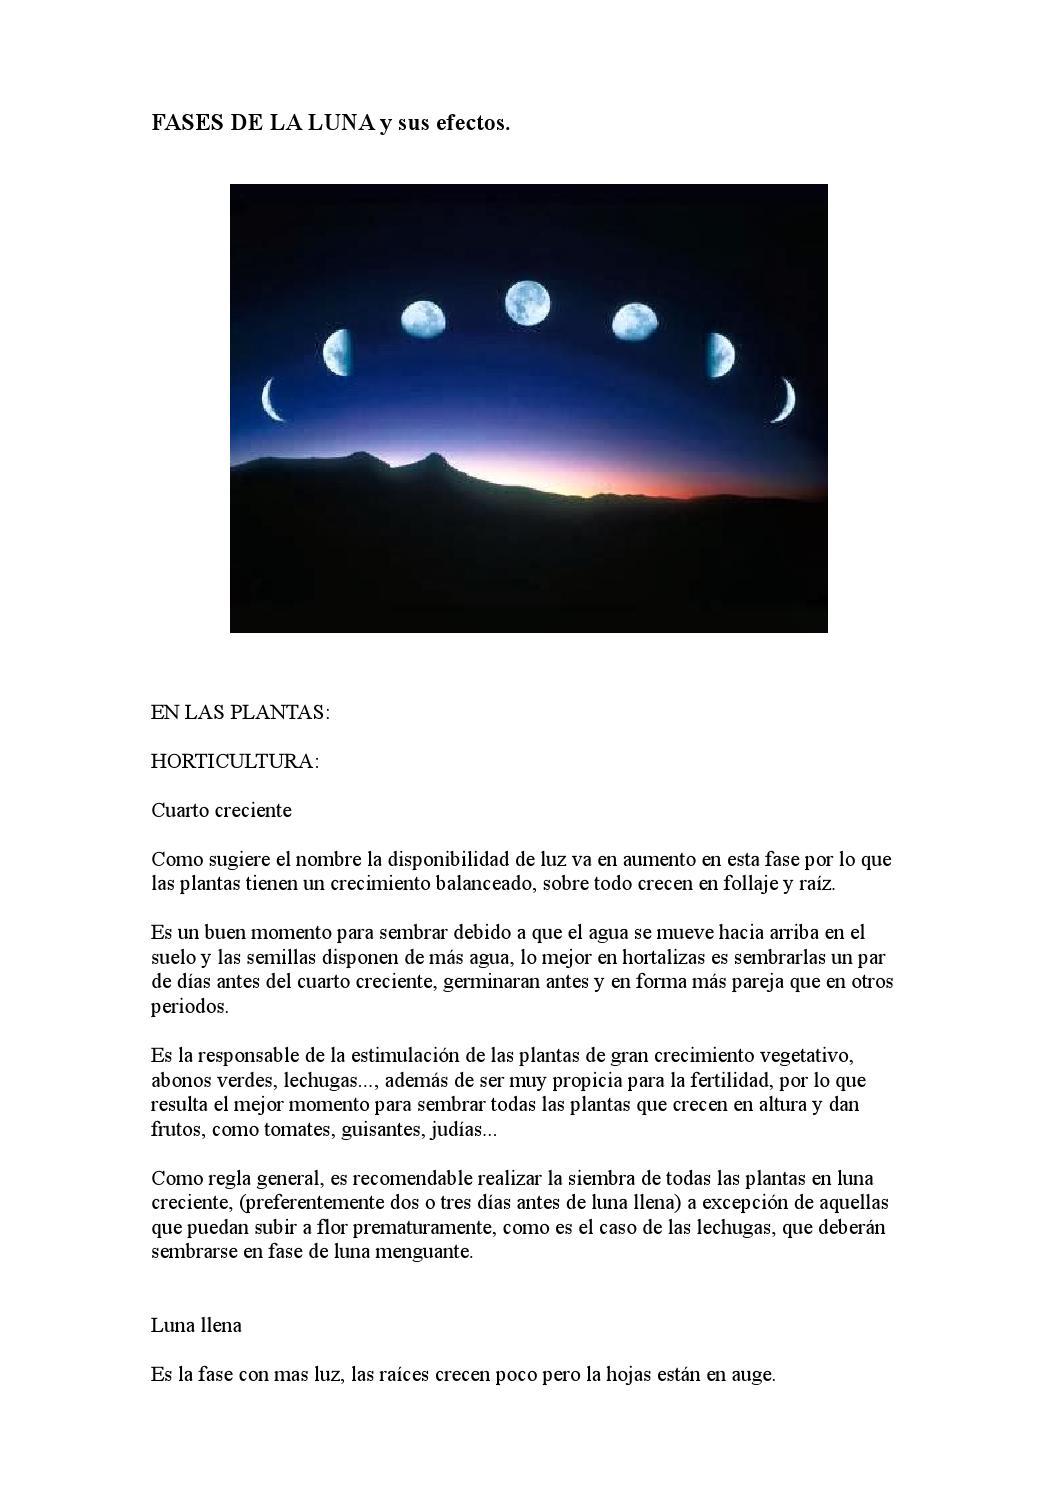 Fases de la luna y sus efectos by jose - issuu